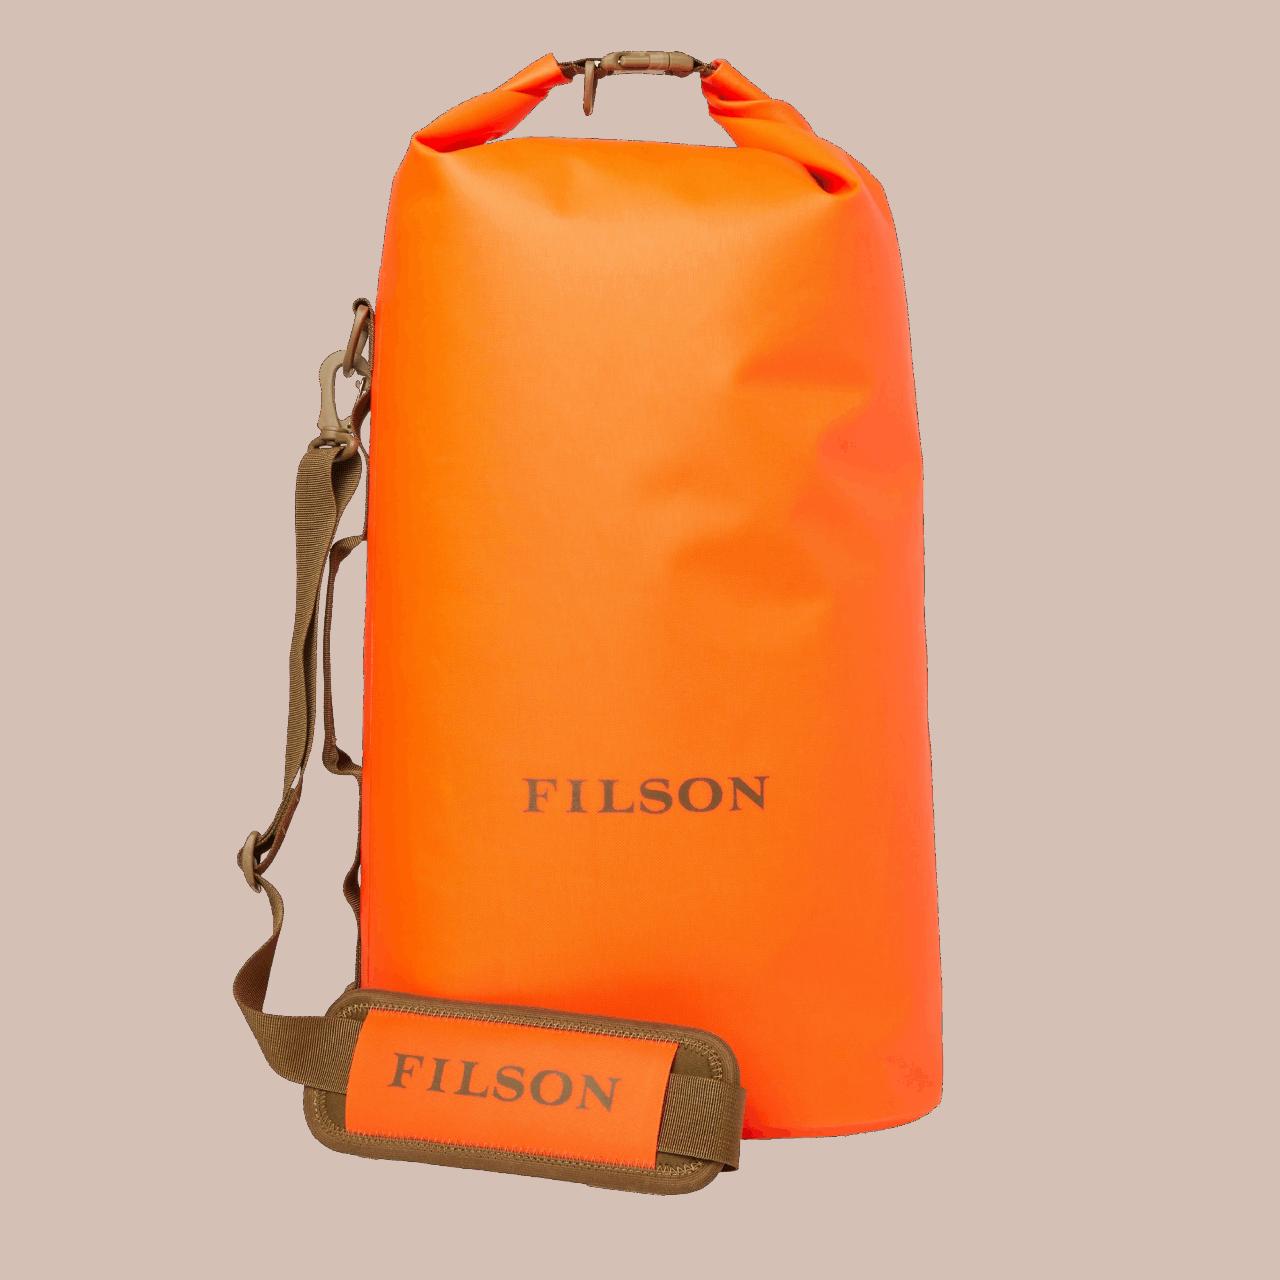 Filson Dry Bag Large - Flame